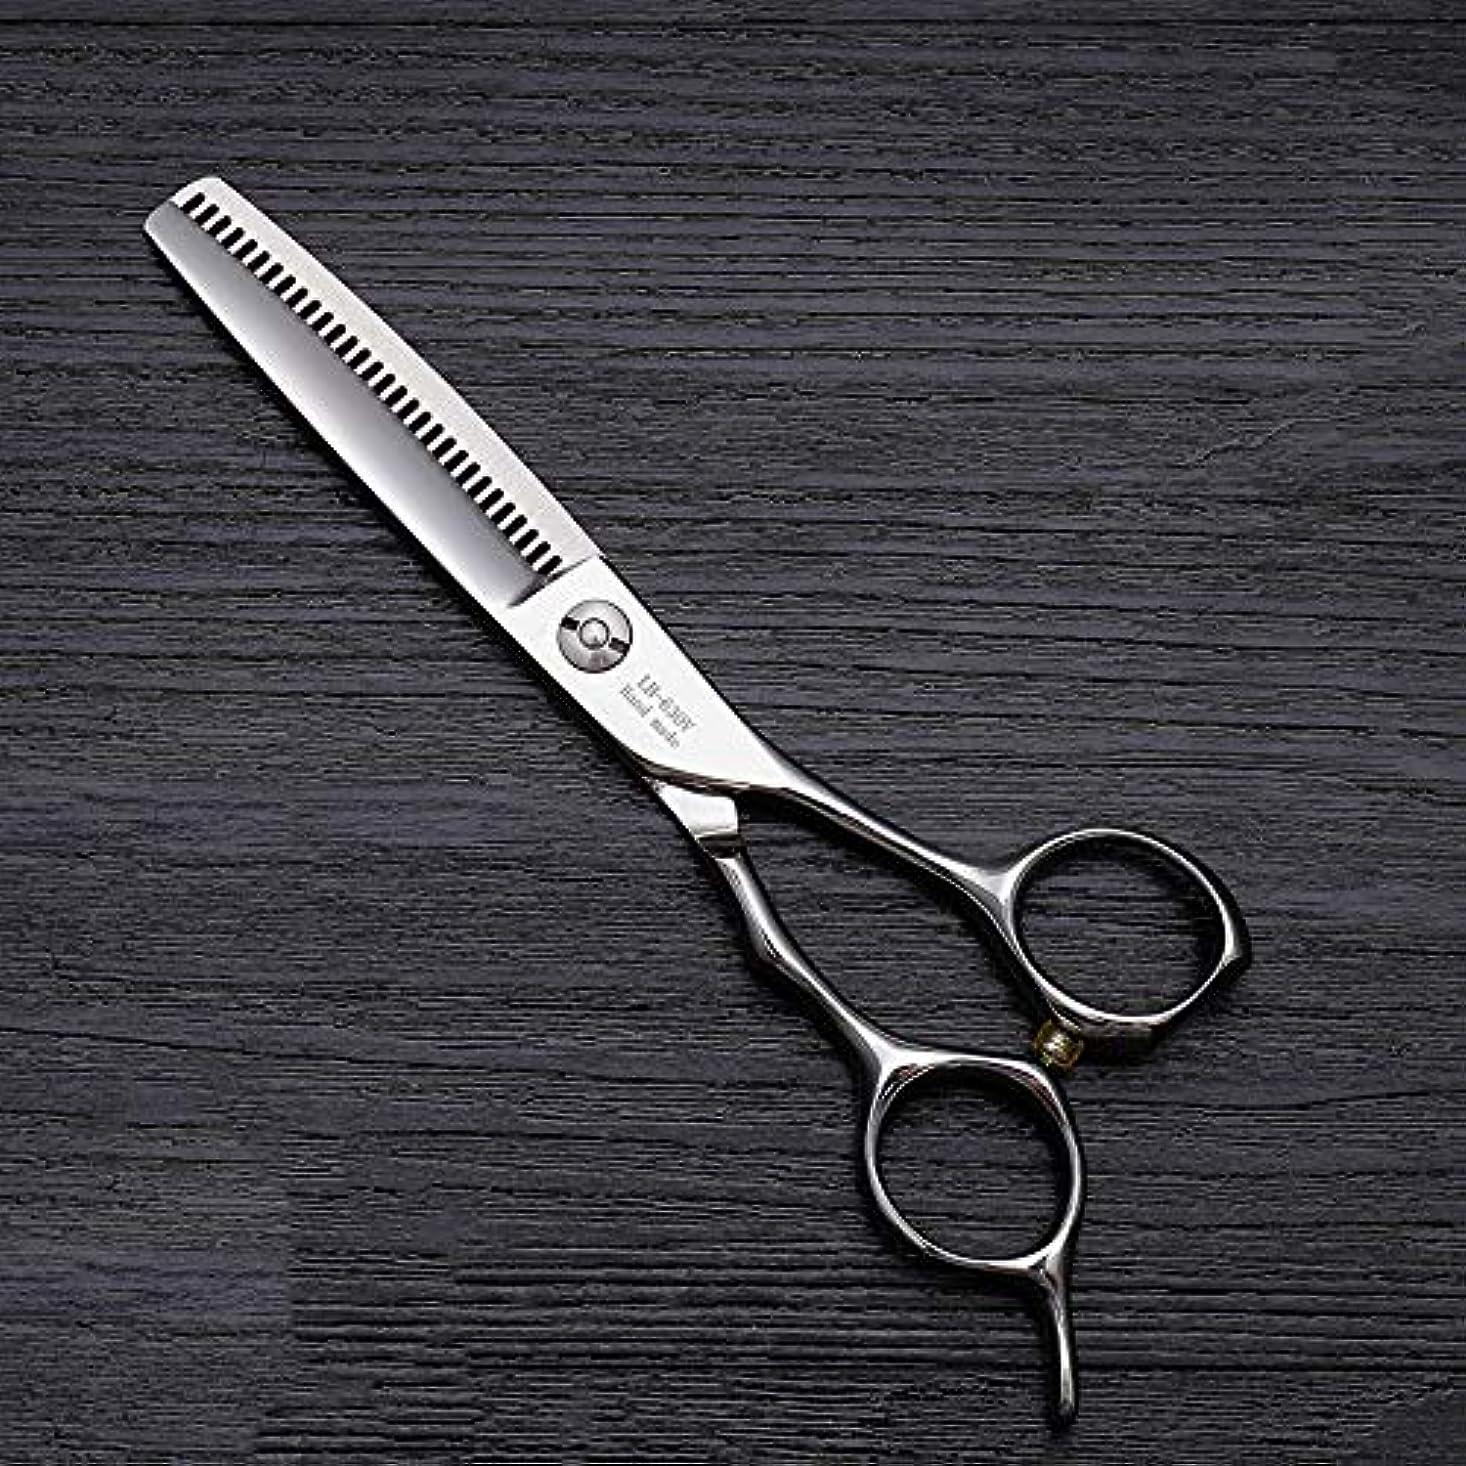 名前で病教え理髪用はさみ 6インチのヘアカットはさみ、ハイエンドの美容院の特別な髪のはさみの毛の切断はさみのステンレス製の理髪師のはさみ (色 : Silver)